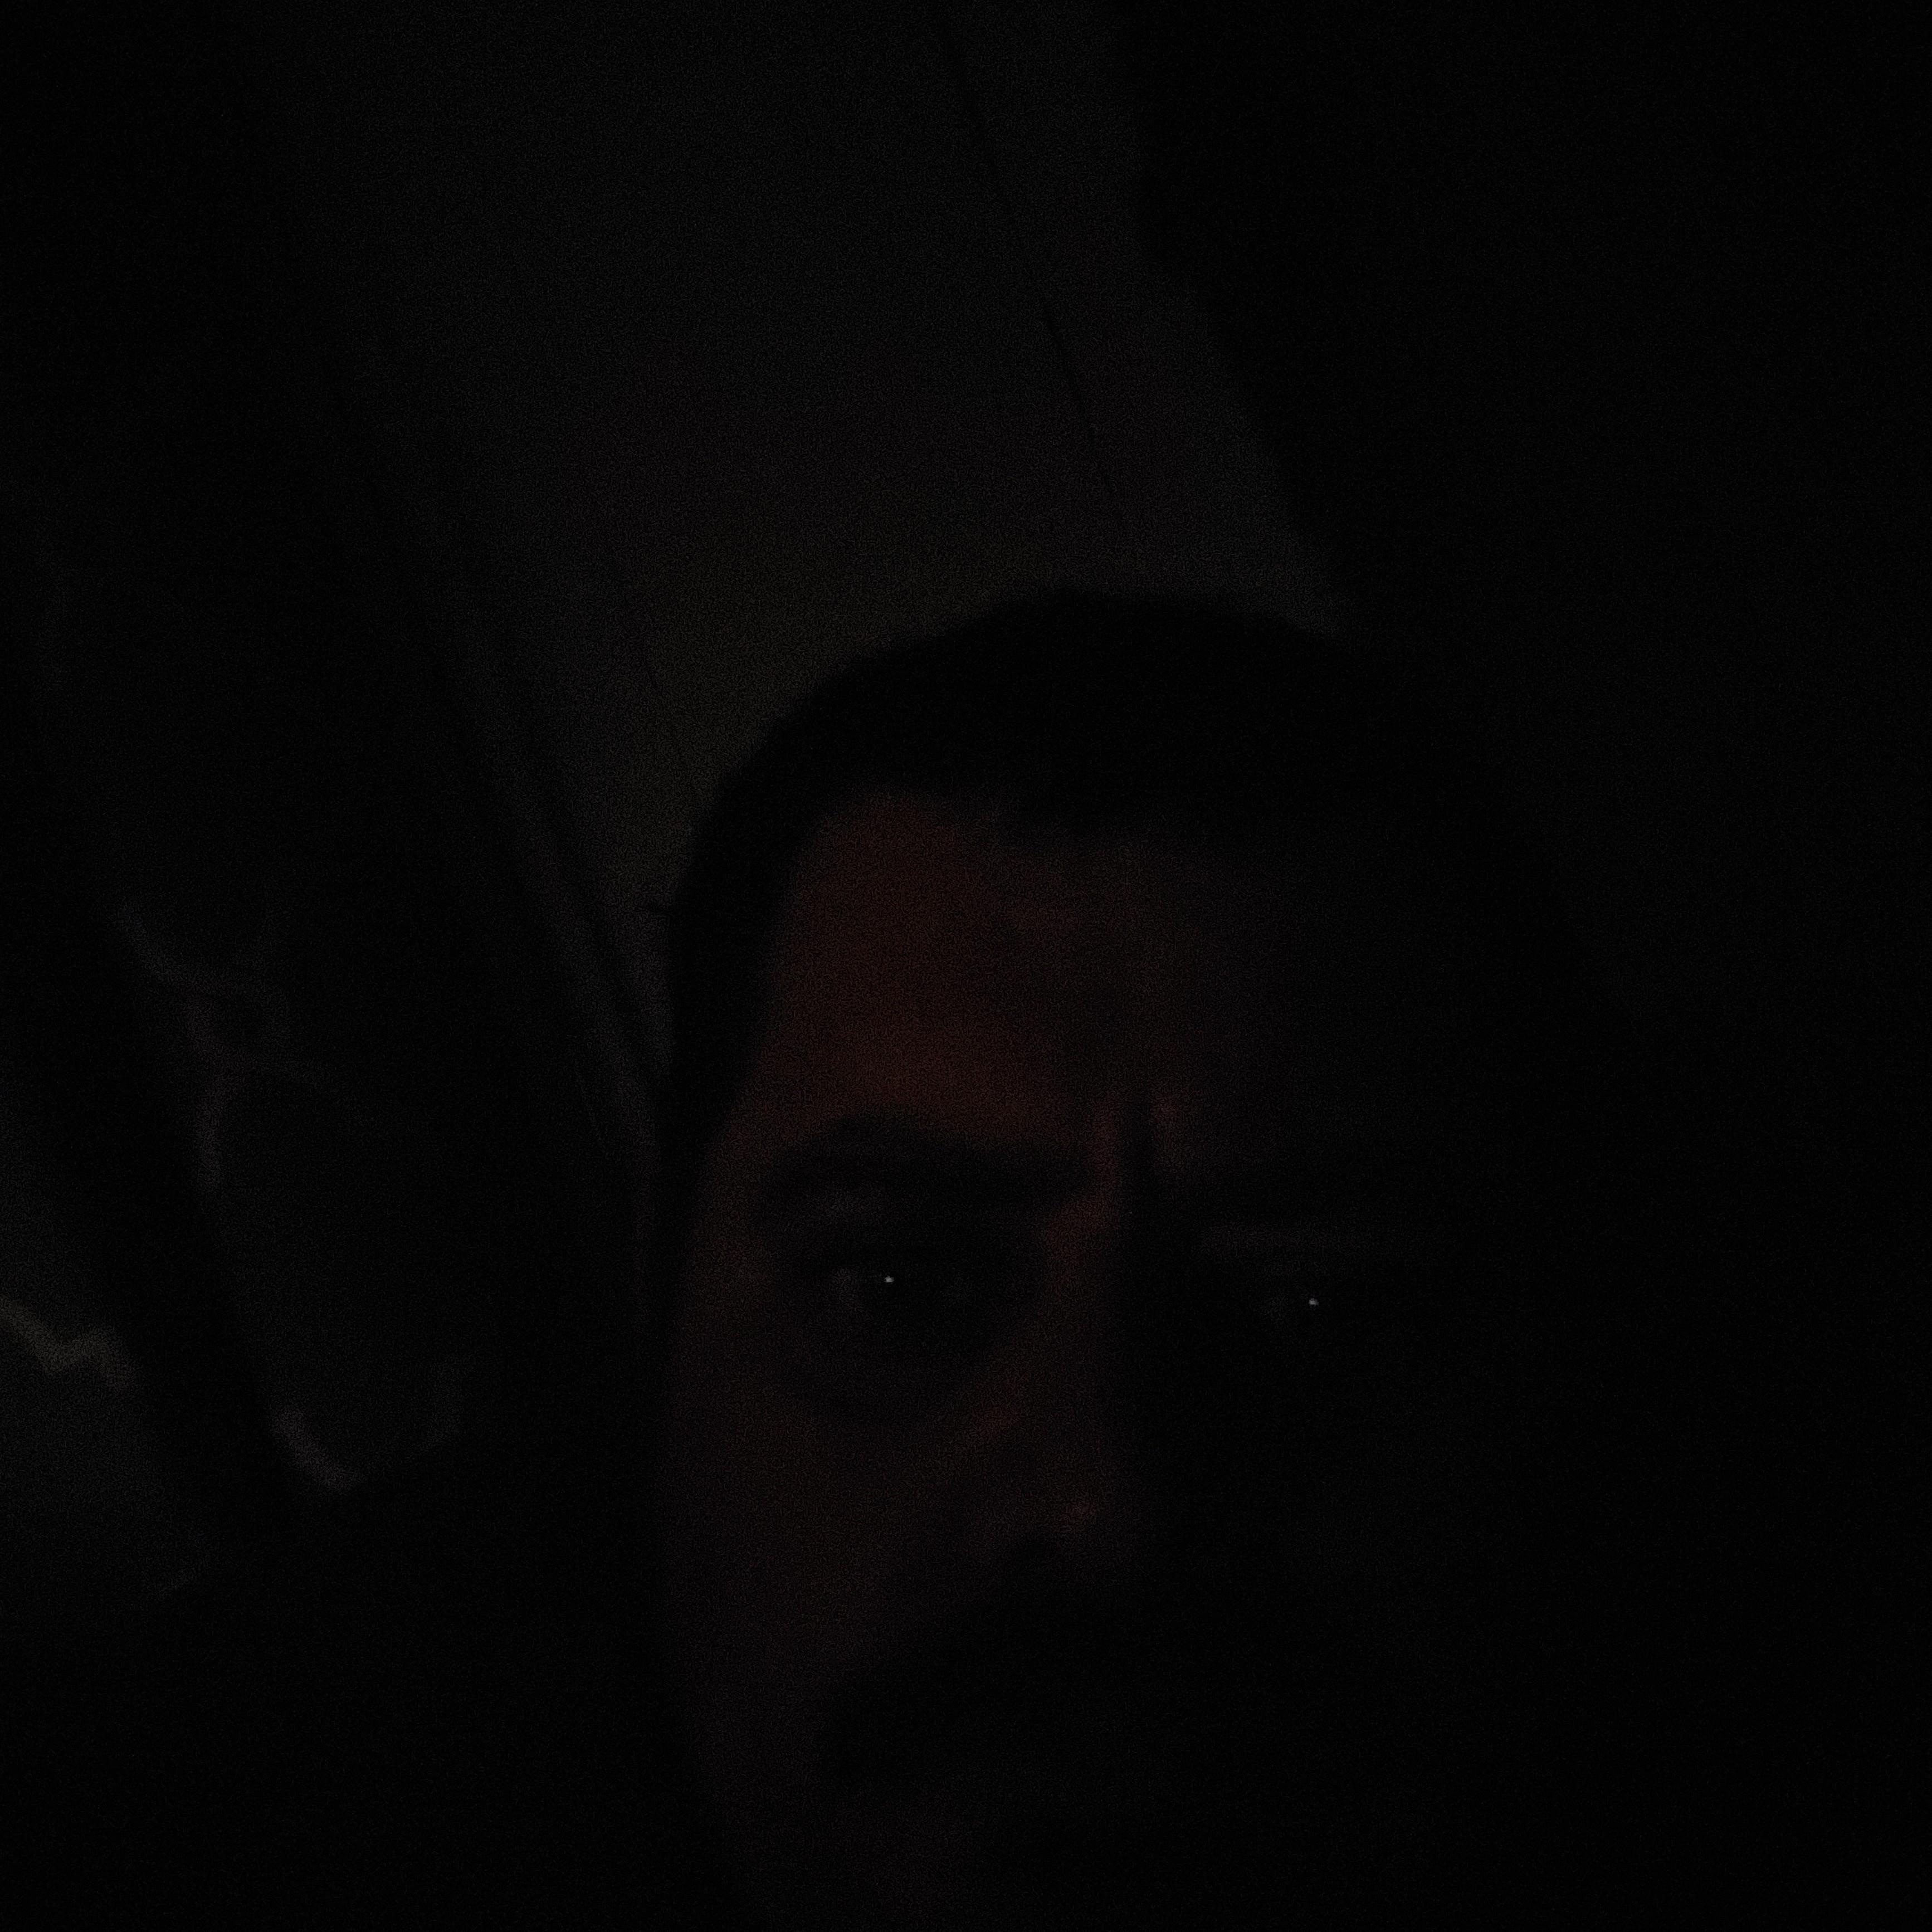 http://catch-app.oss-us-east-1.aliyuncs.com/image/1629946991203-c6bde252-4c8f-4fe9-99cc-8239f2a8200a.jpg